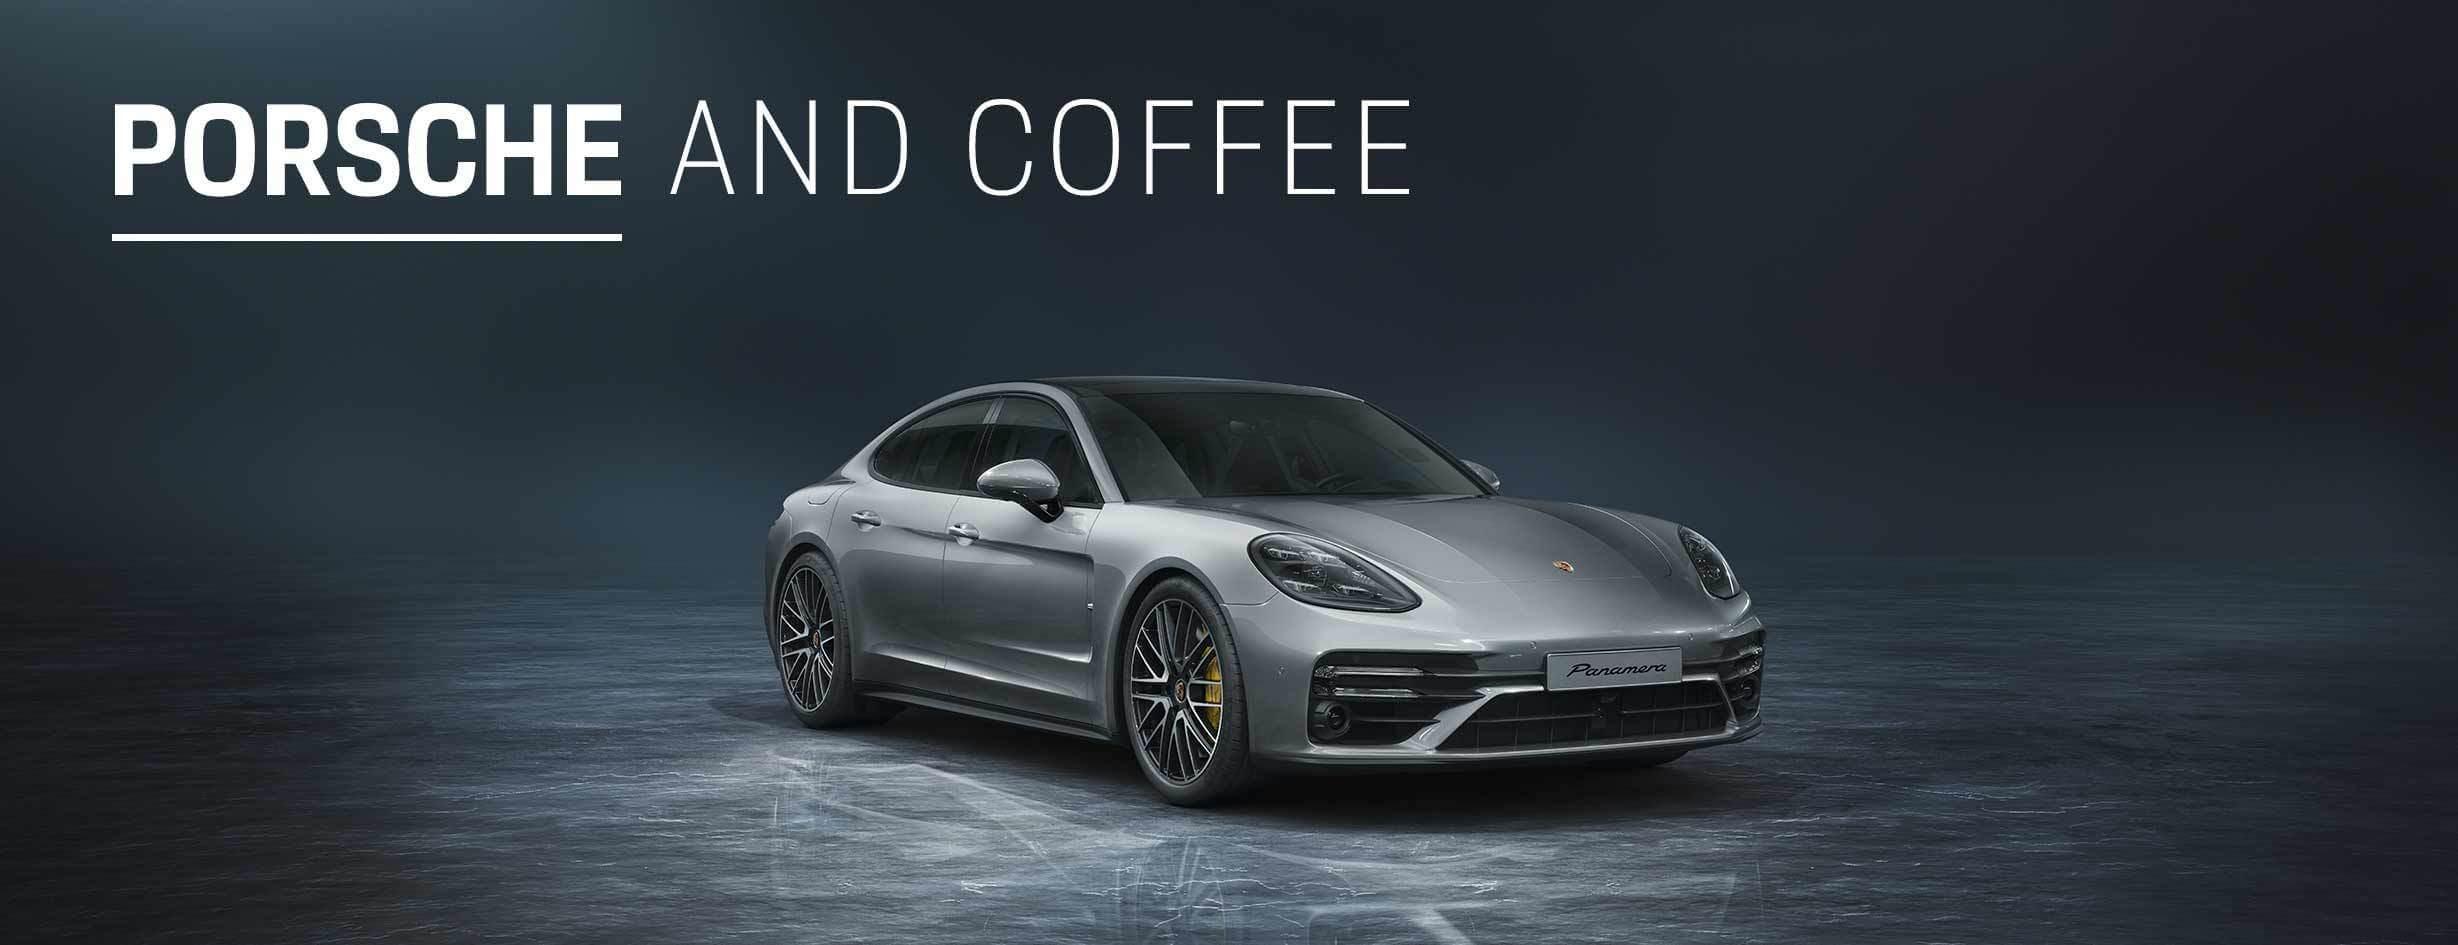 Presentazione nuova Porsche Panamera